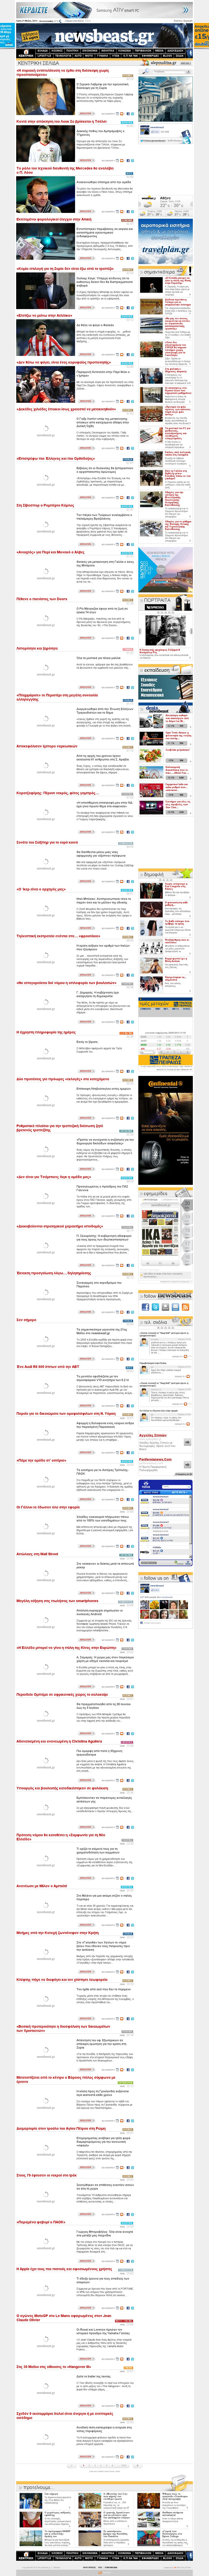 News Beast at Tuesday May 21, 2013, 12:17 a.m. UTC